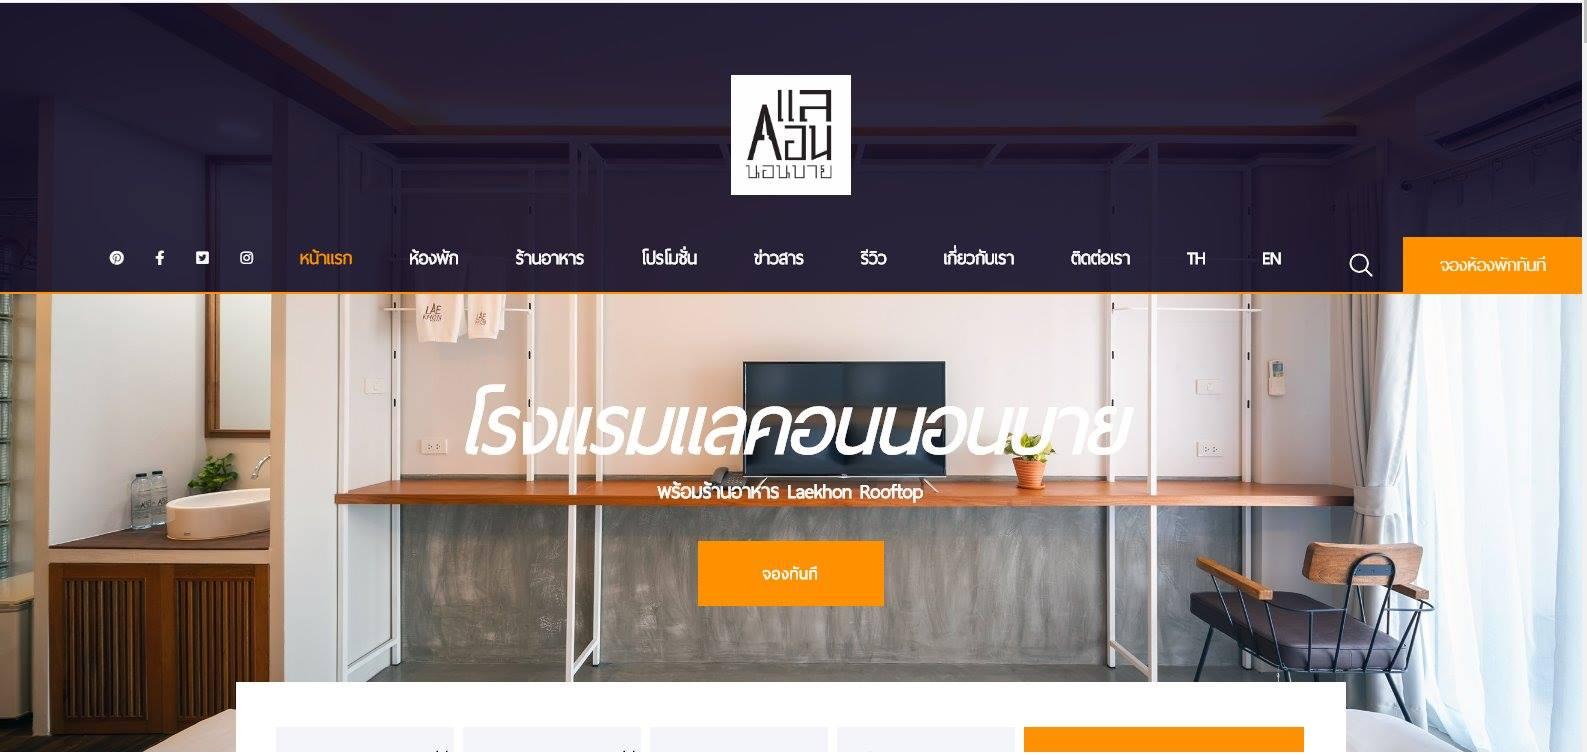 เว็บไซต์โรงแรมแลคอนนอนบาย https://laekhonnonbai.net/  รับทำเว็บไซต์,ภาคใต้,application,ios,android